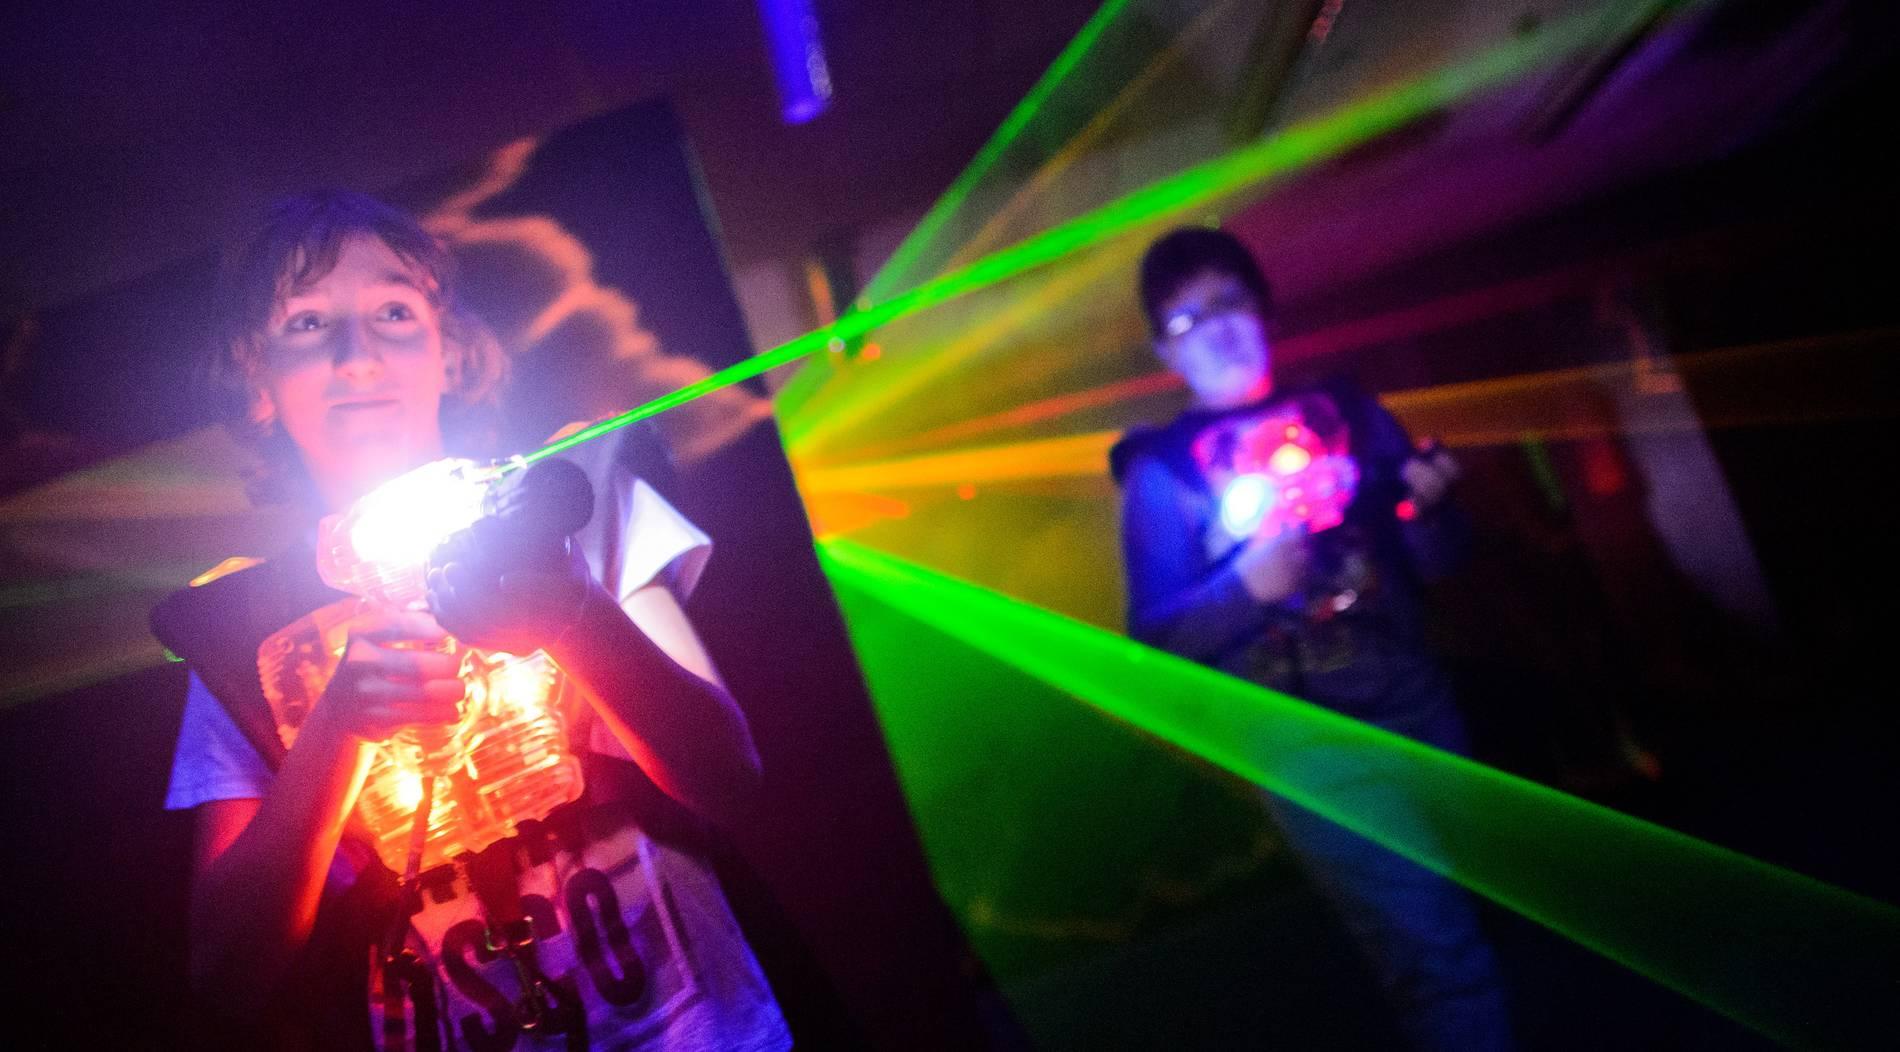 Sollten Kinder Lasertag spielen dürfen?